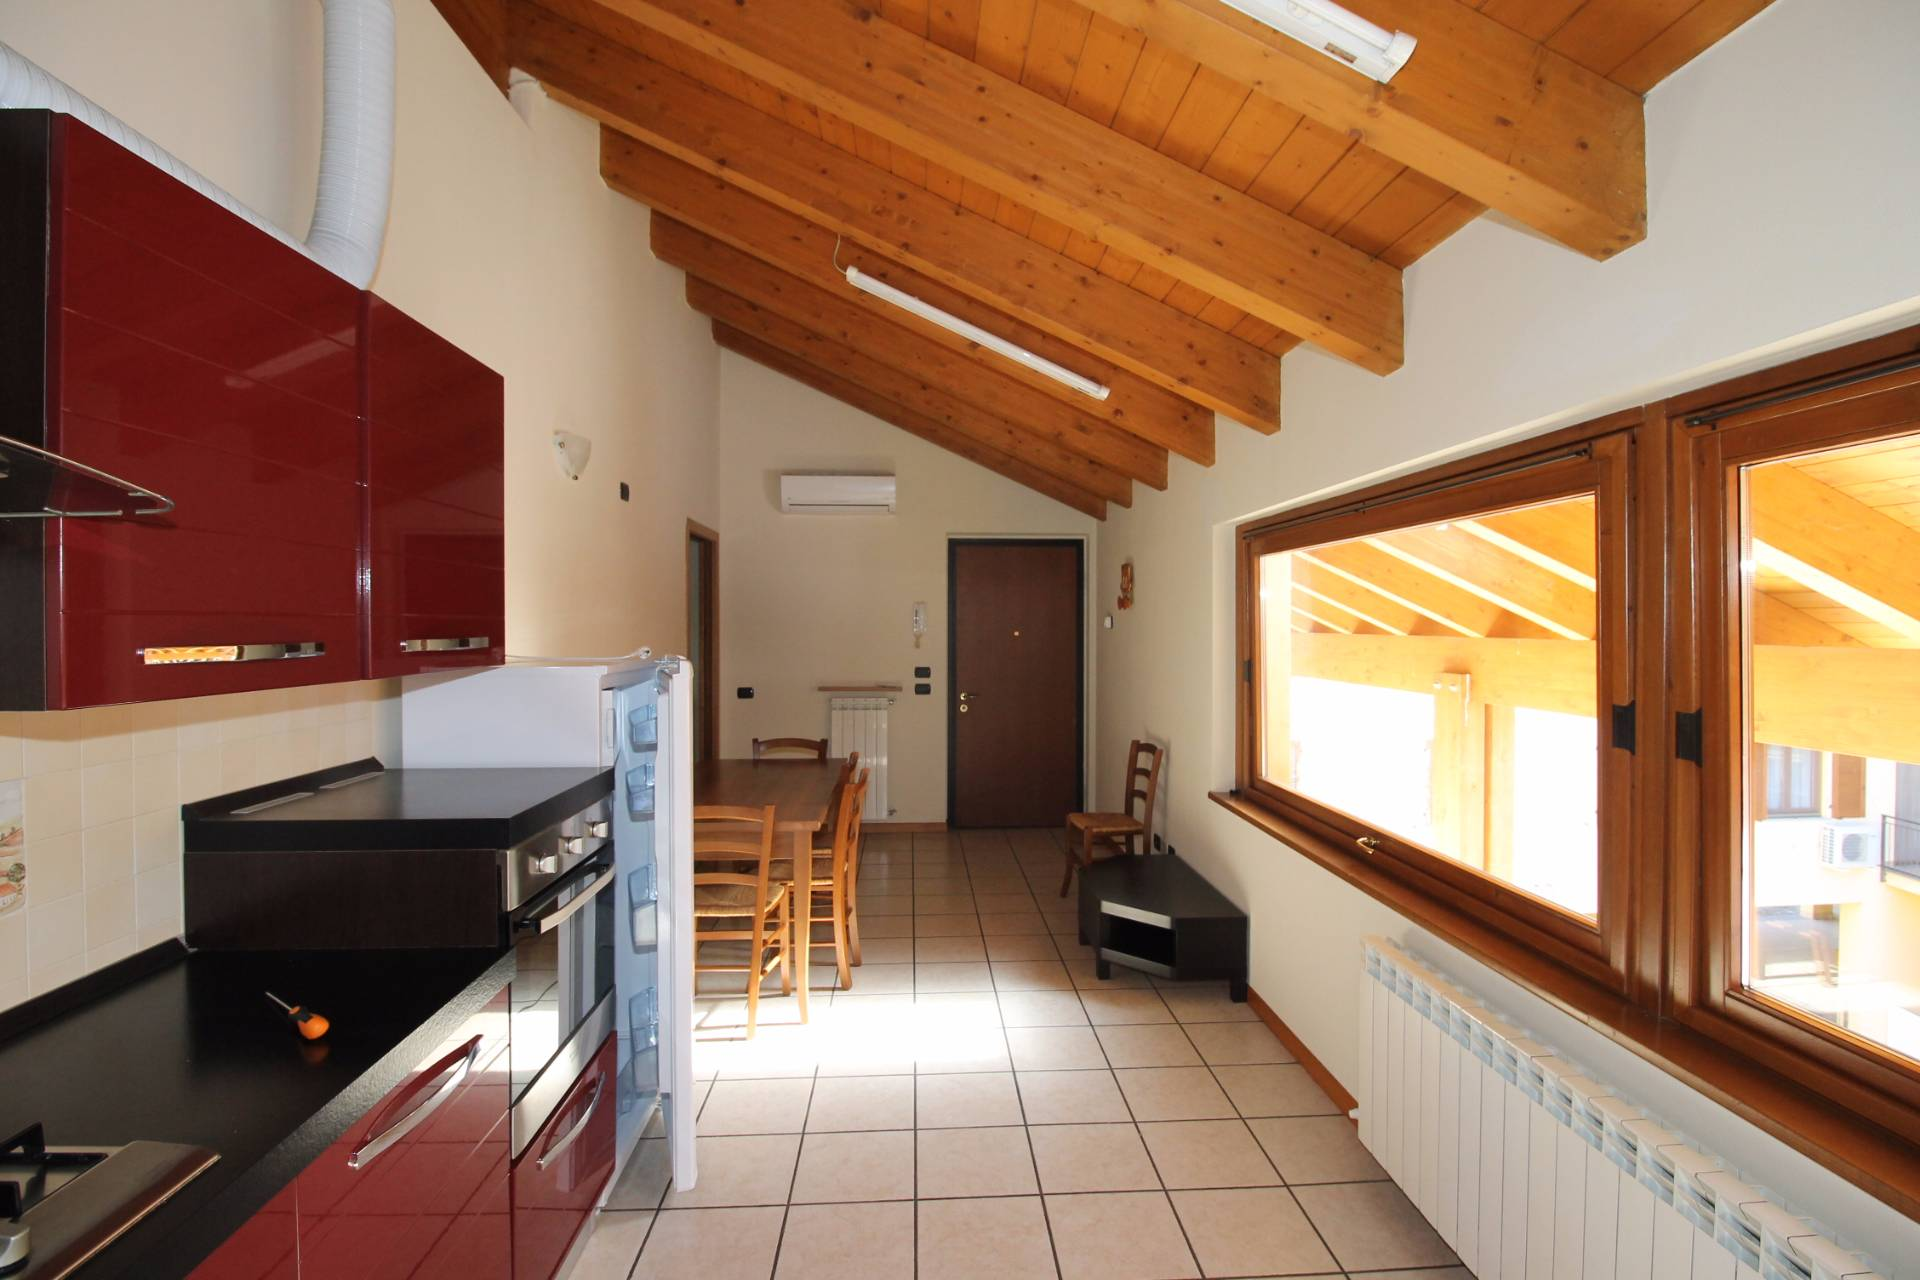 Appartamento in vendita a Palosco, 3 locali, prezzo € 95.000   CambioCasa.it